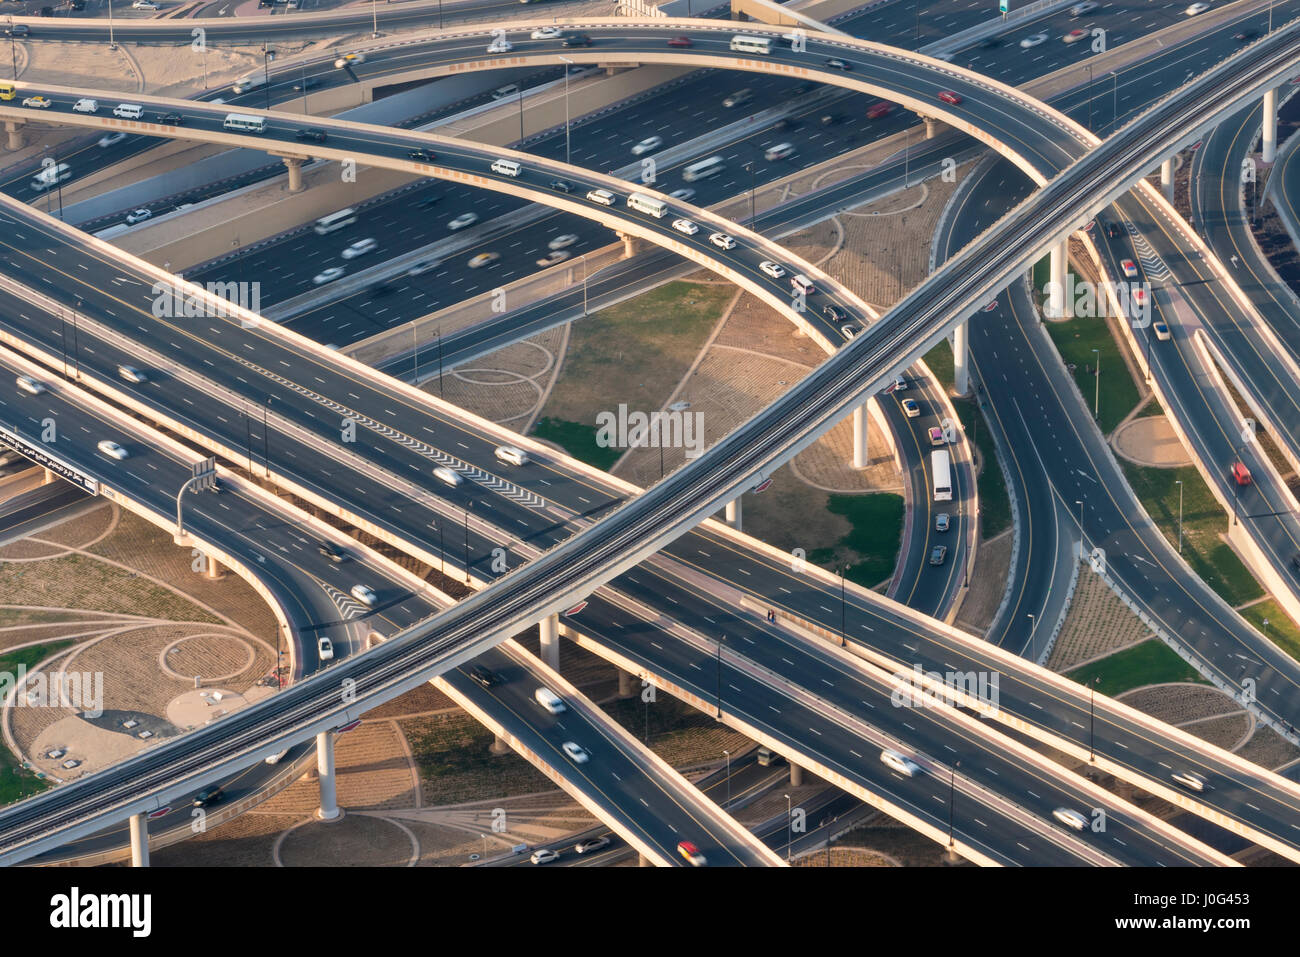 Straßenüberführung & Autobahn interchange, Dubai, Vereinigte Arabische Emirate, U.A.E. Stockbild